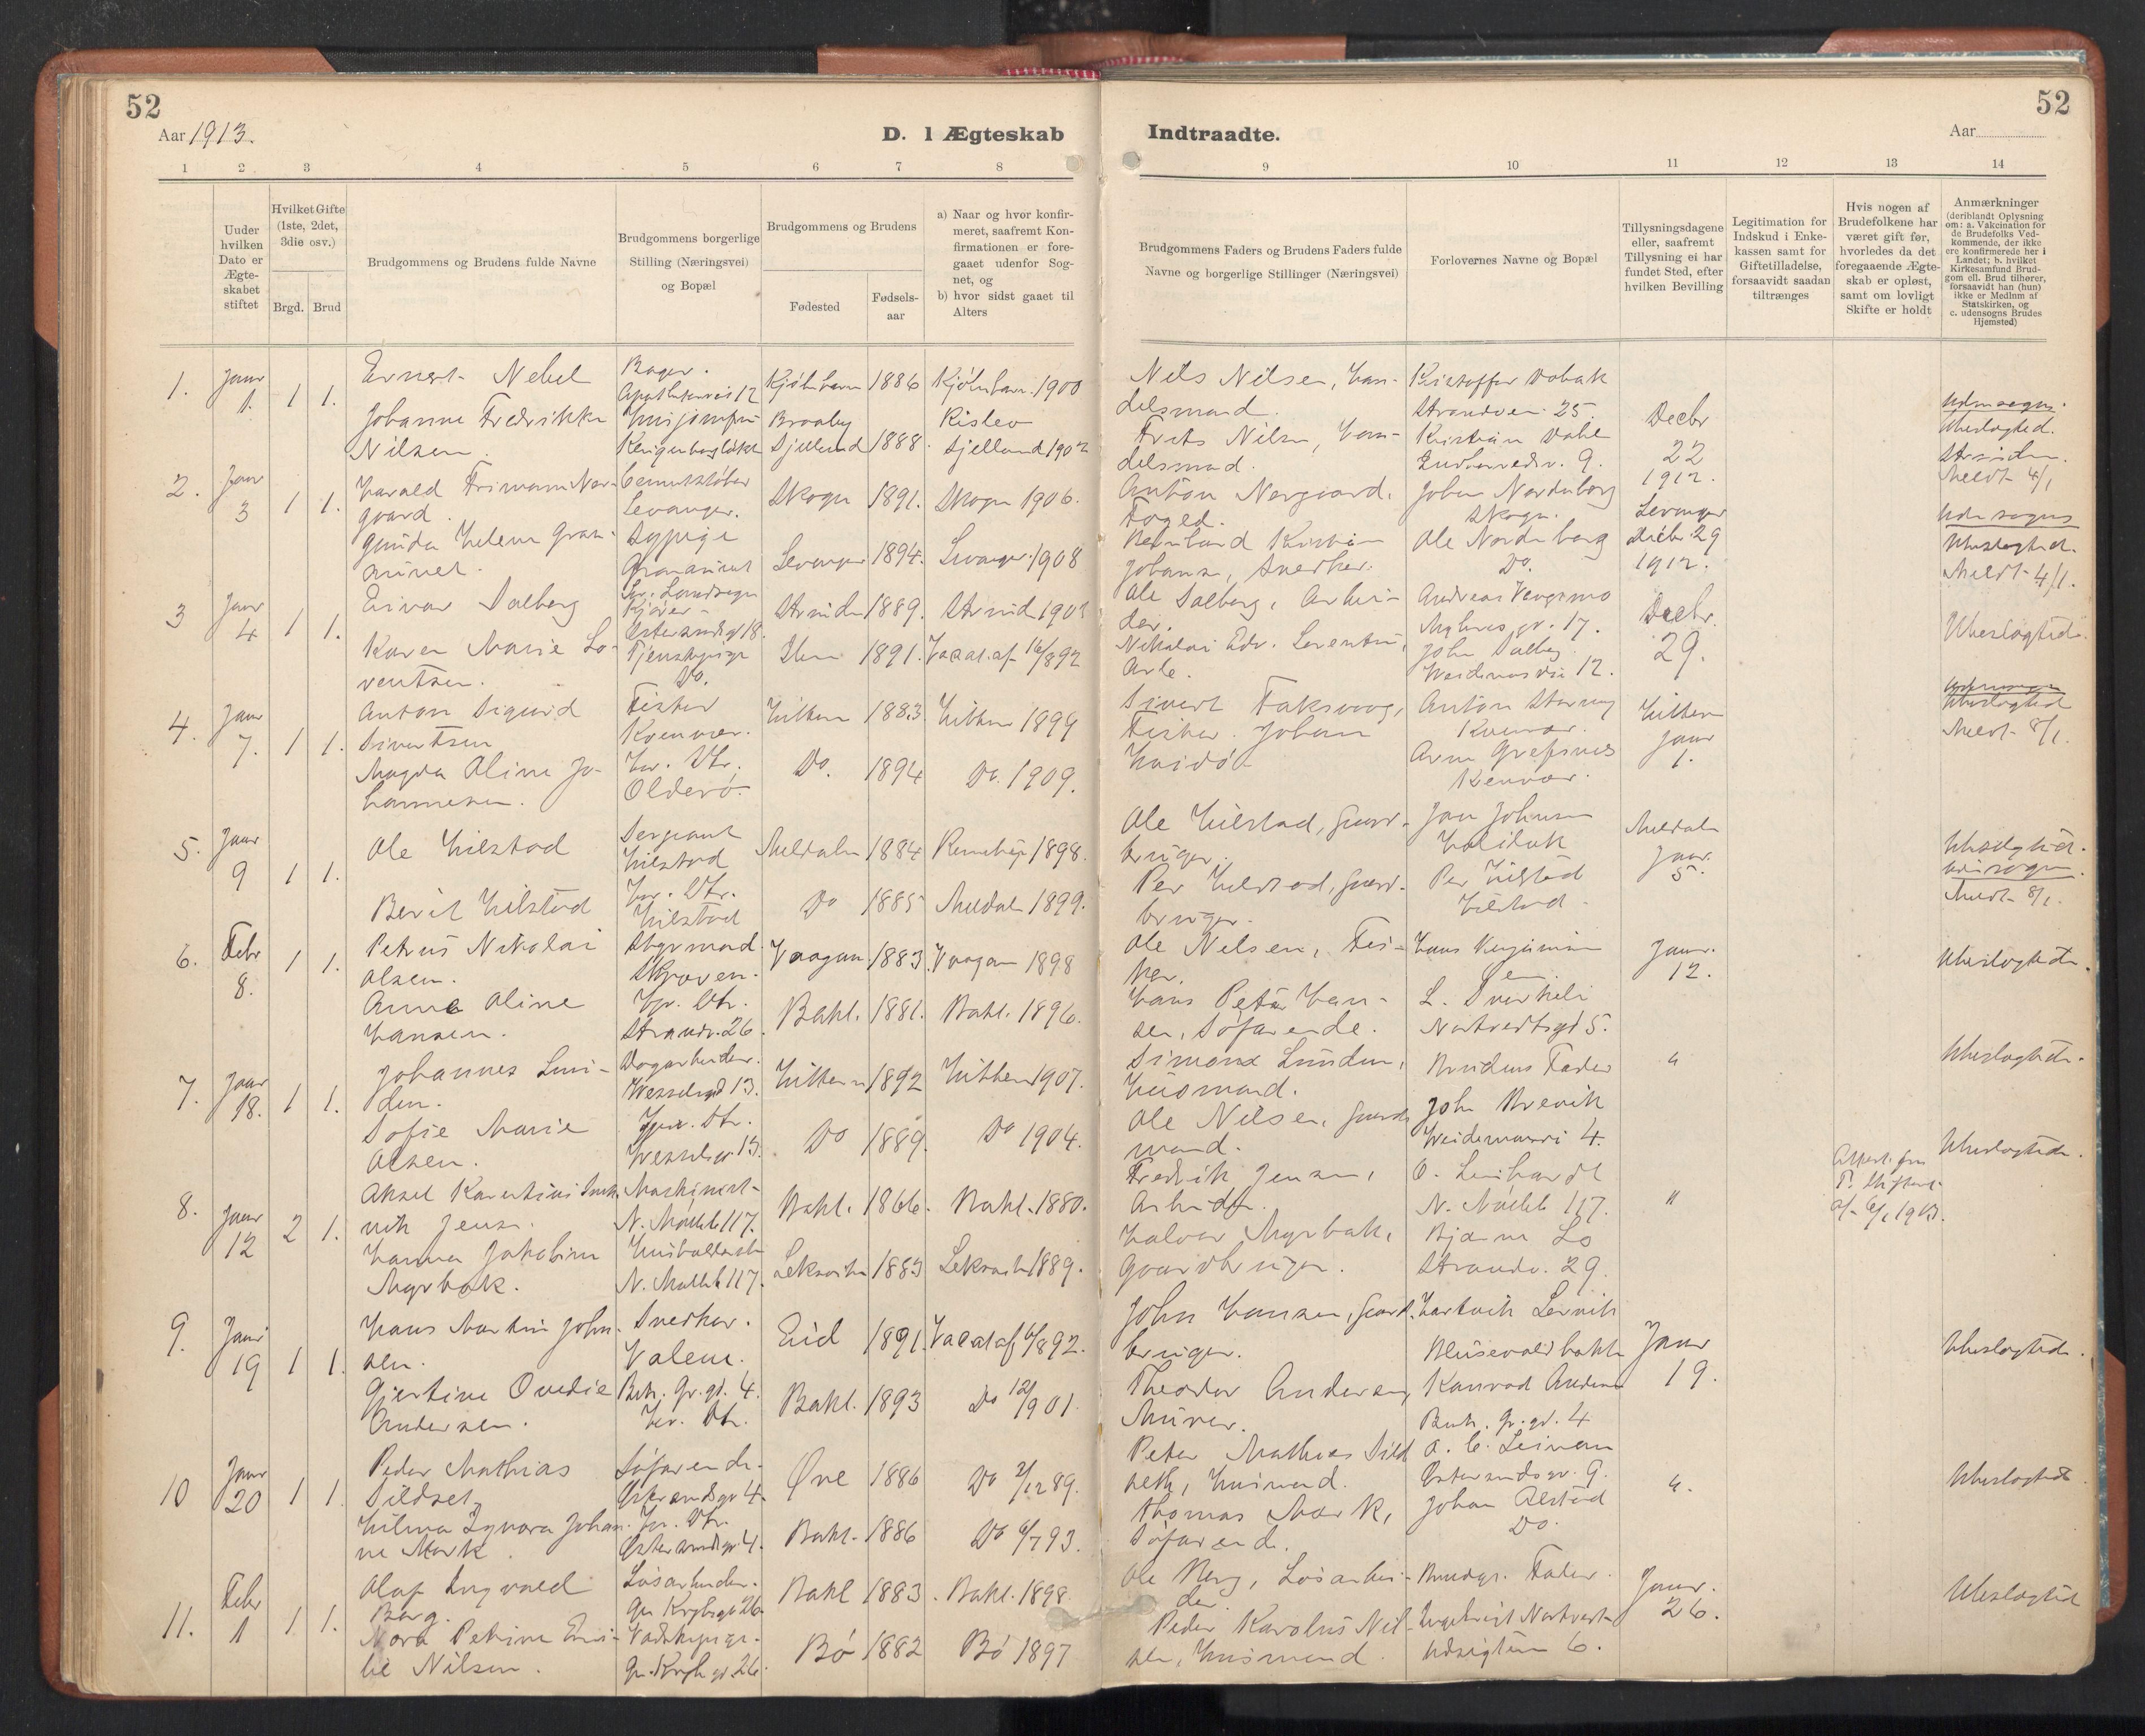 SAT, Ministerialprotokoller, klokkerbøker og fødselsregistre - Sør-Trøndelag, 605/L0244: Ministerialbok nr. 605A06, 1908-1954, s. 52